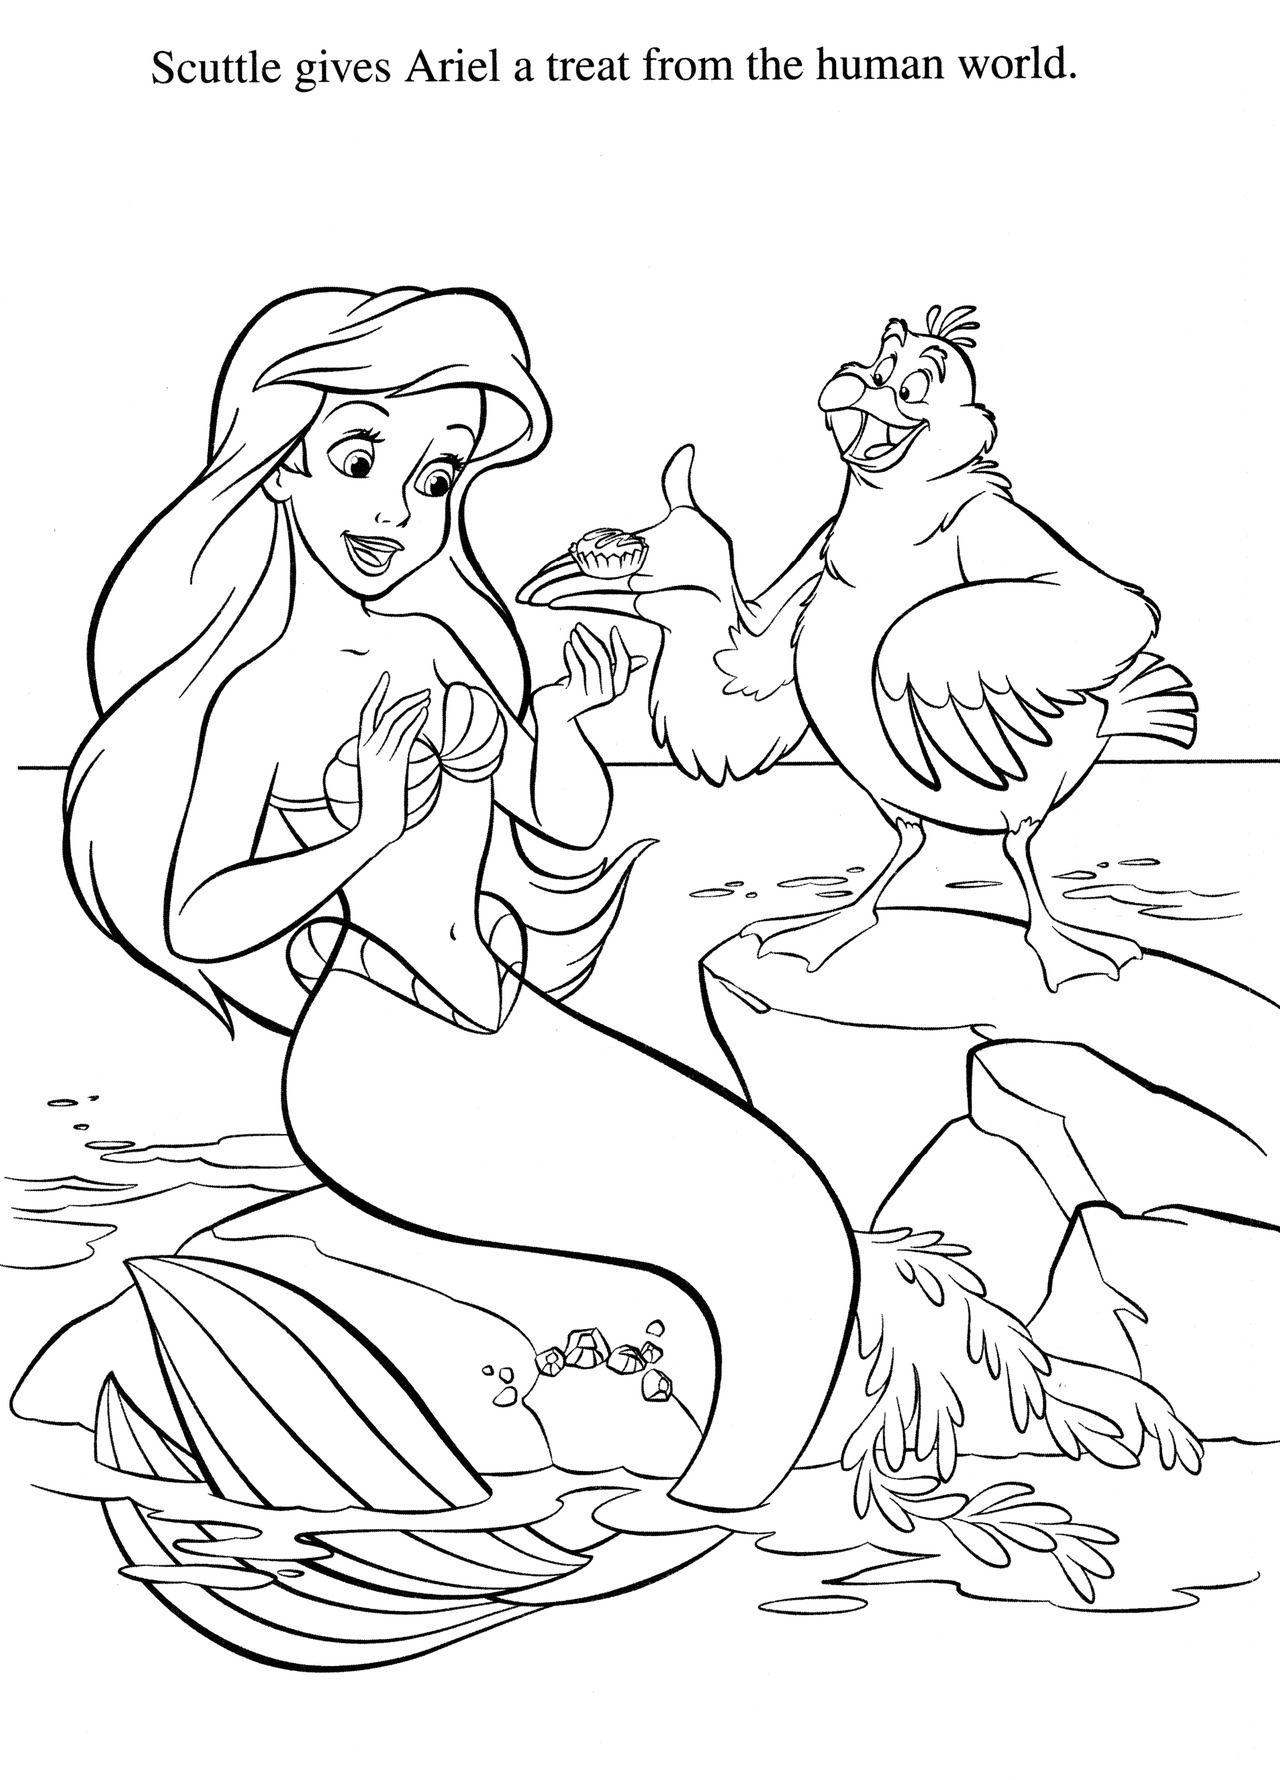 little mermaid pics little mermaid coloring pages mermaid coloring pages little pics mermaid